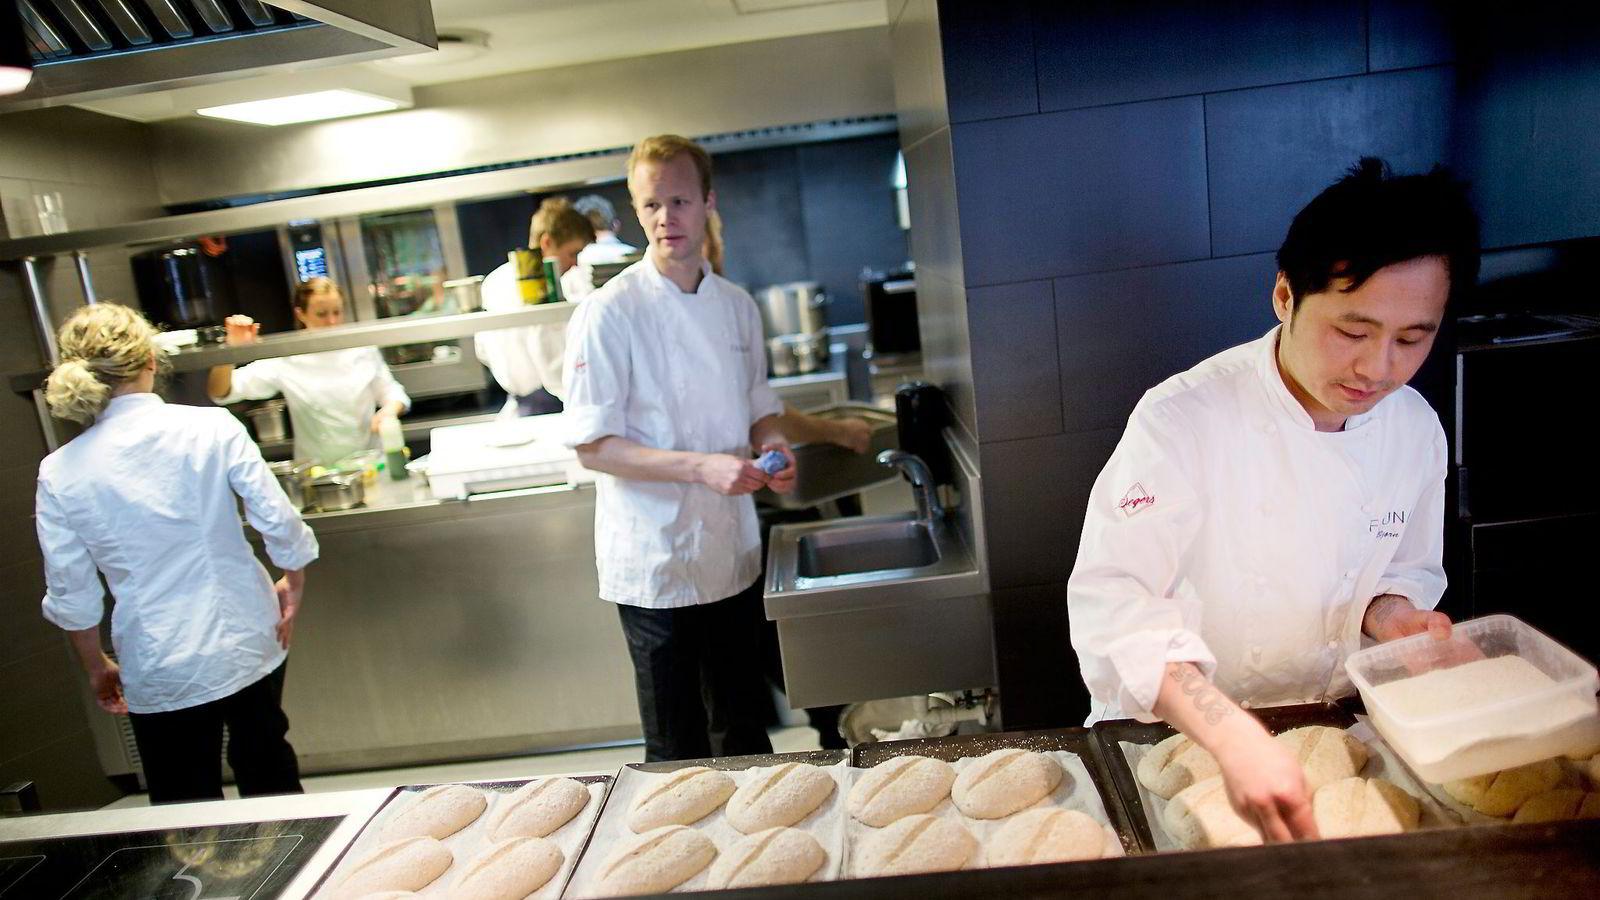 PENGER INGEN GULROT. Kjøkkensjef Bjørn Svensson på restaurant Fauna sier at kokkeyrket ikke er for dem som vil tjene mye penger. Foto: Øyvind Elvsborg